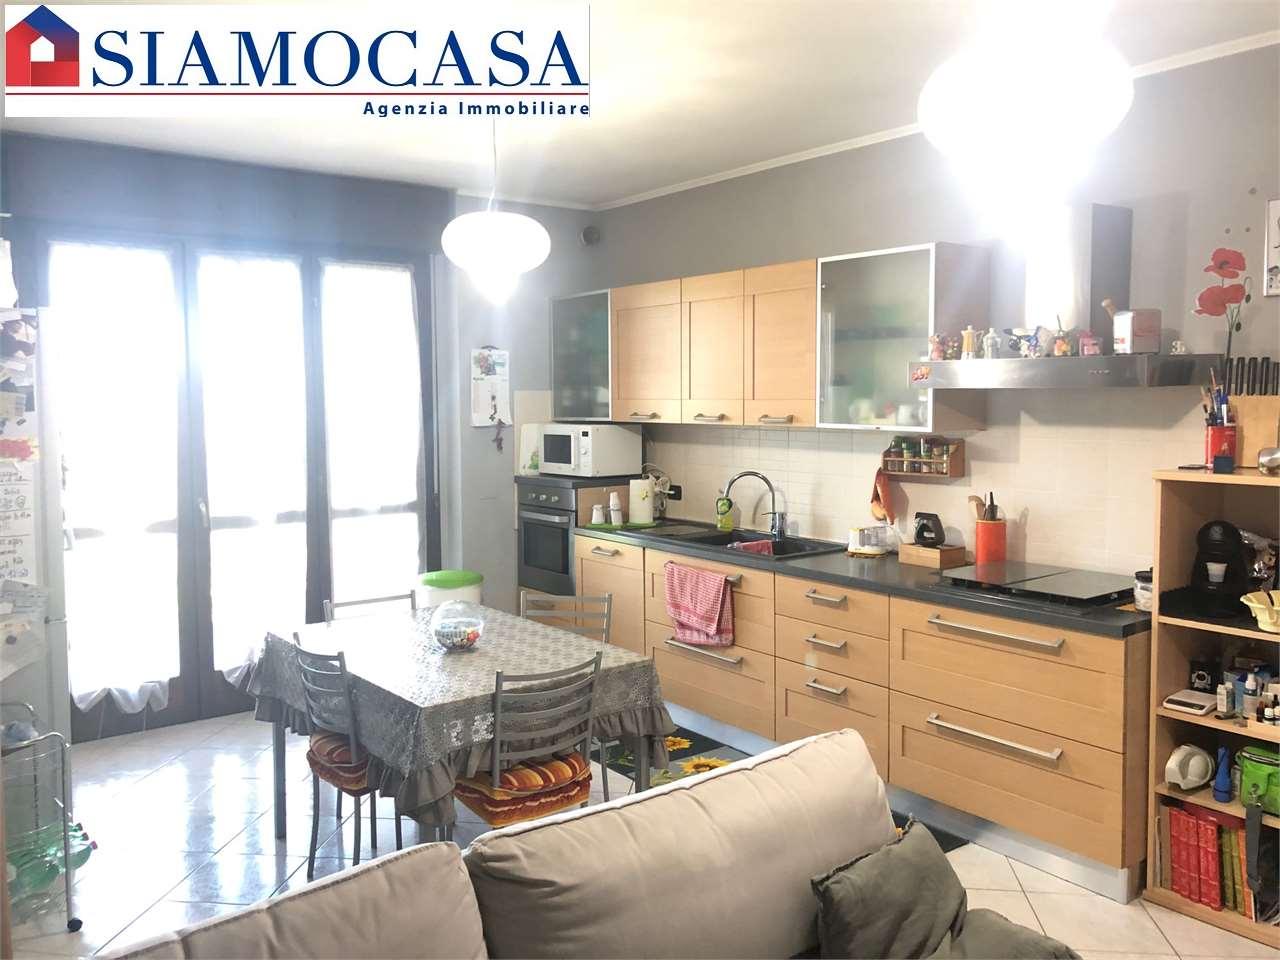 Vendita Trilocale Appartamento Alessandria 135297